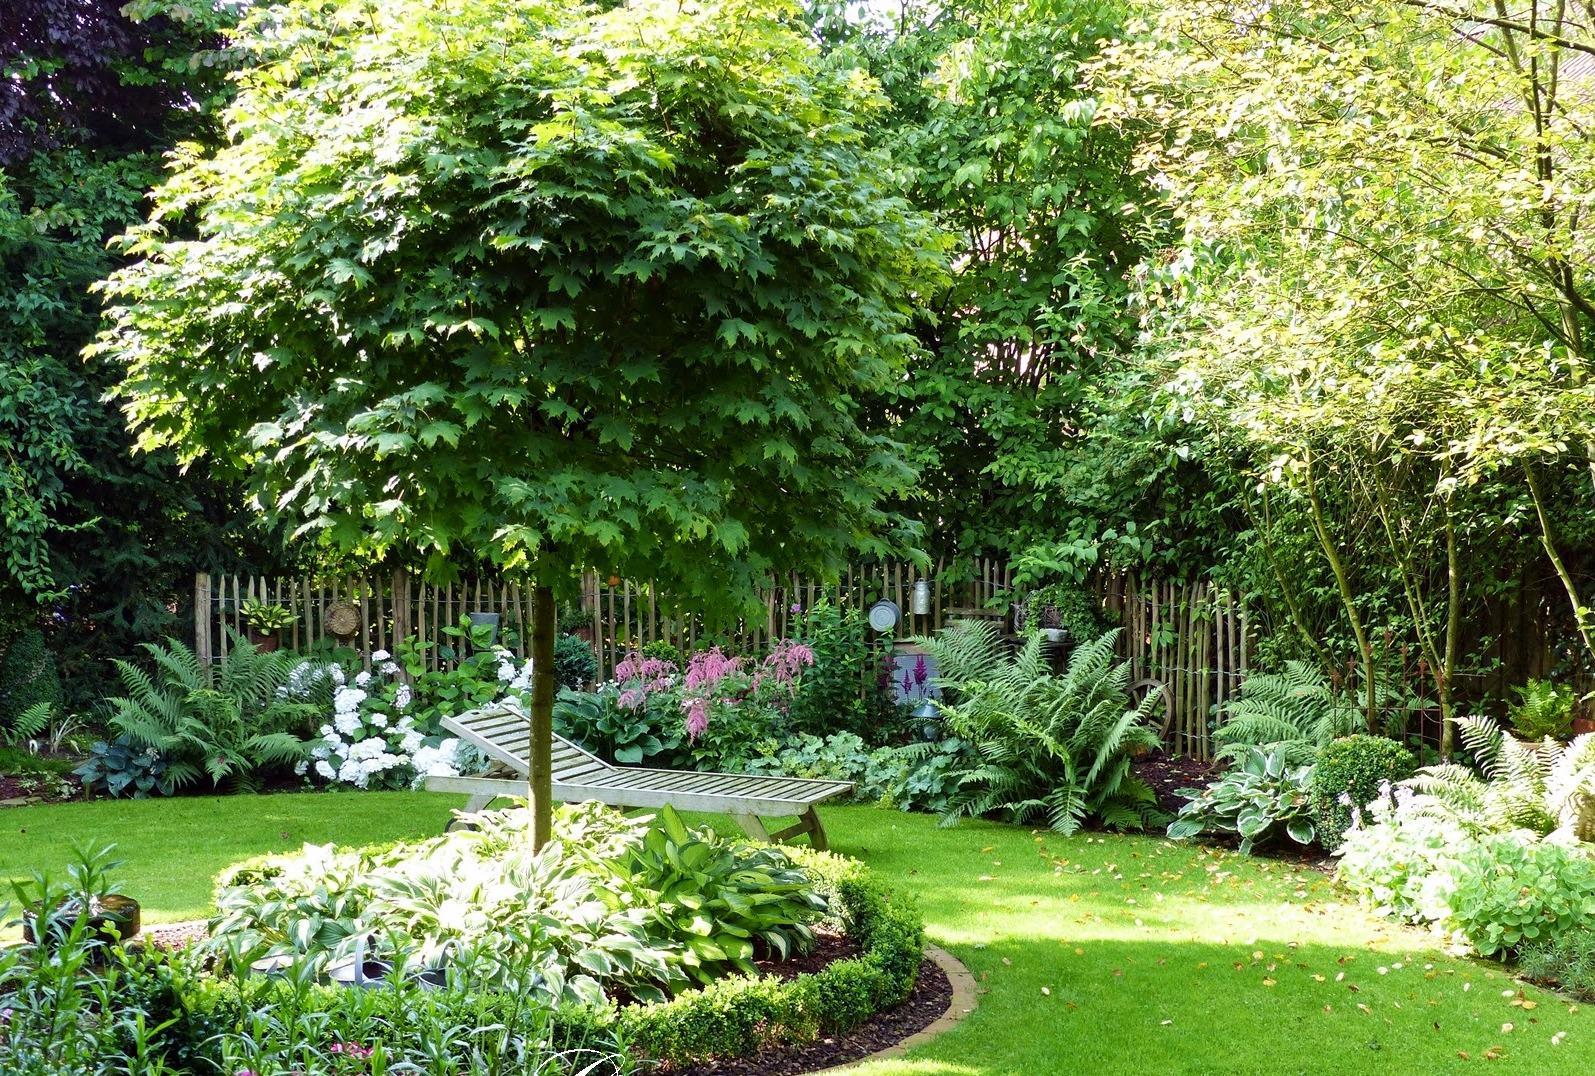 Vidiecke záhrady - inšpirácie - Obrázok č. 139